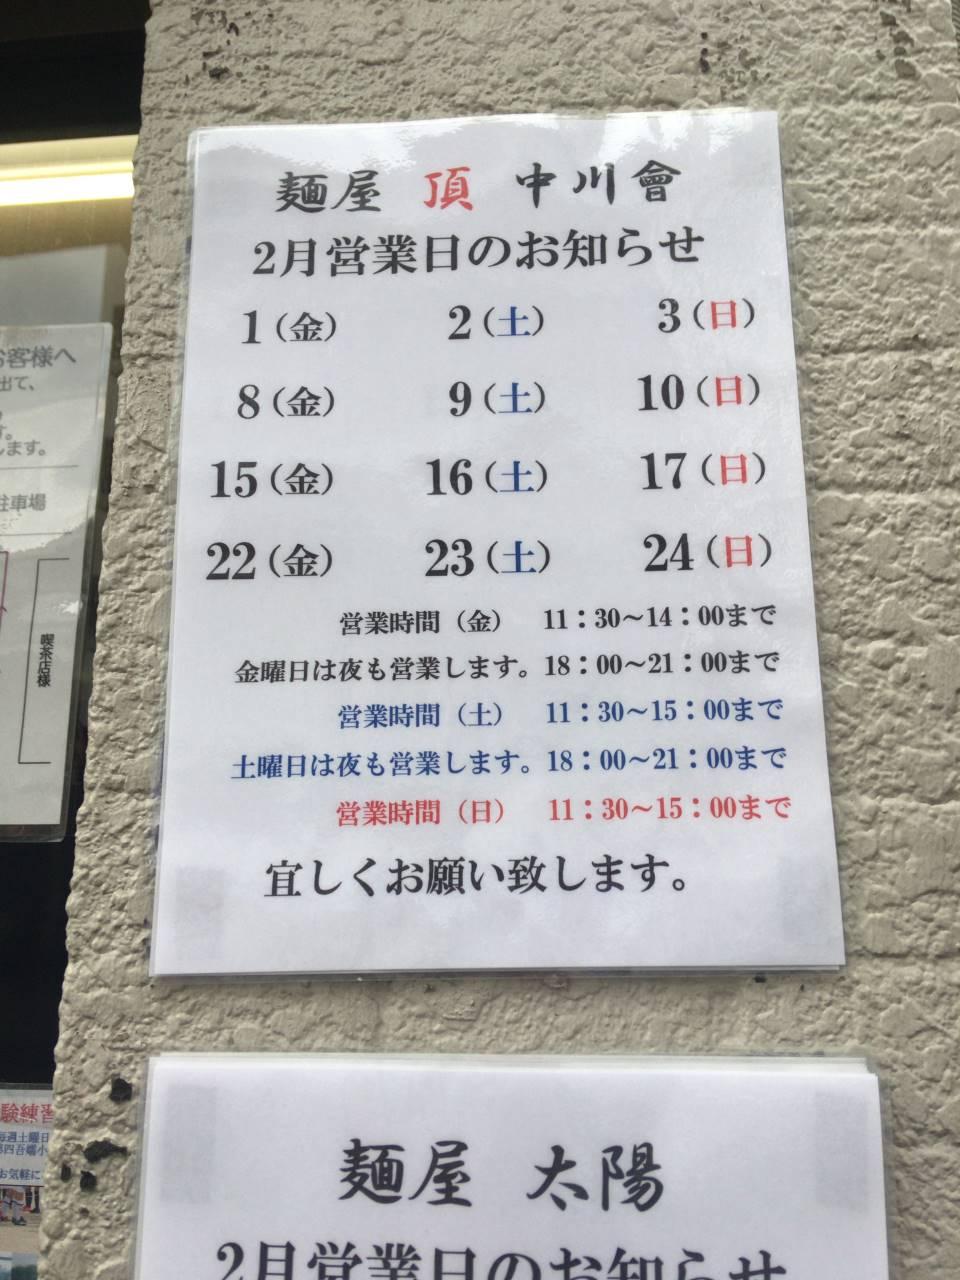 麺屋 頂 中川會の2019年2月の営業日